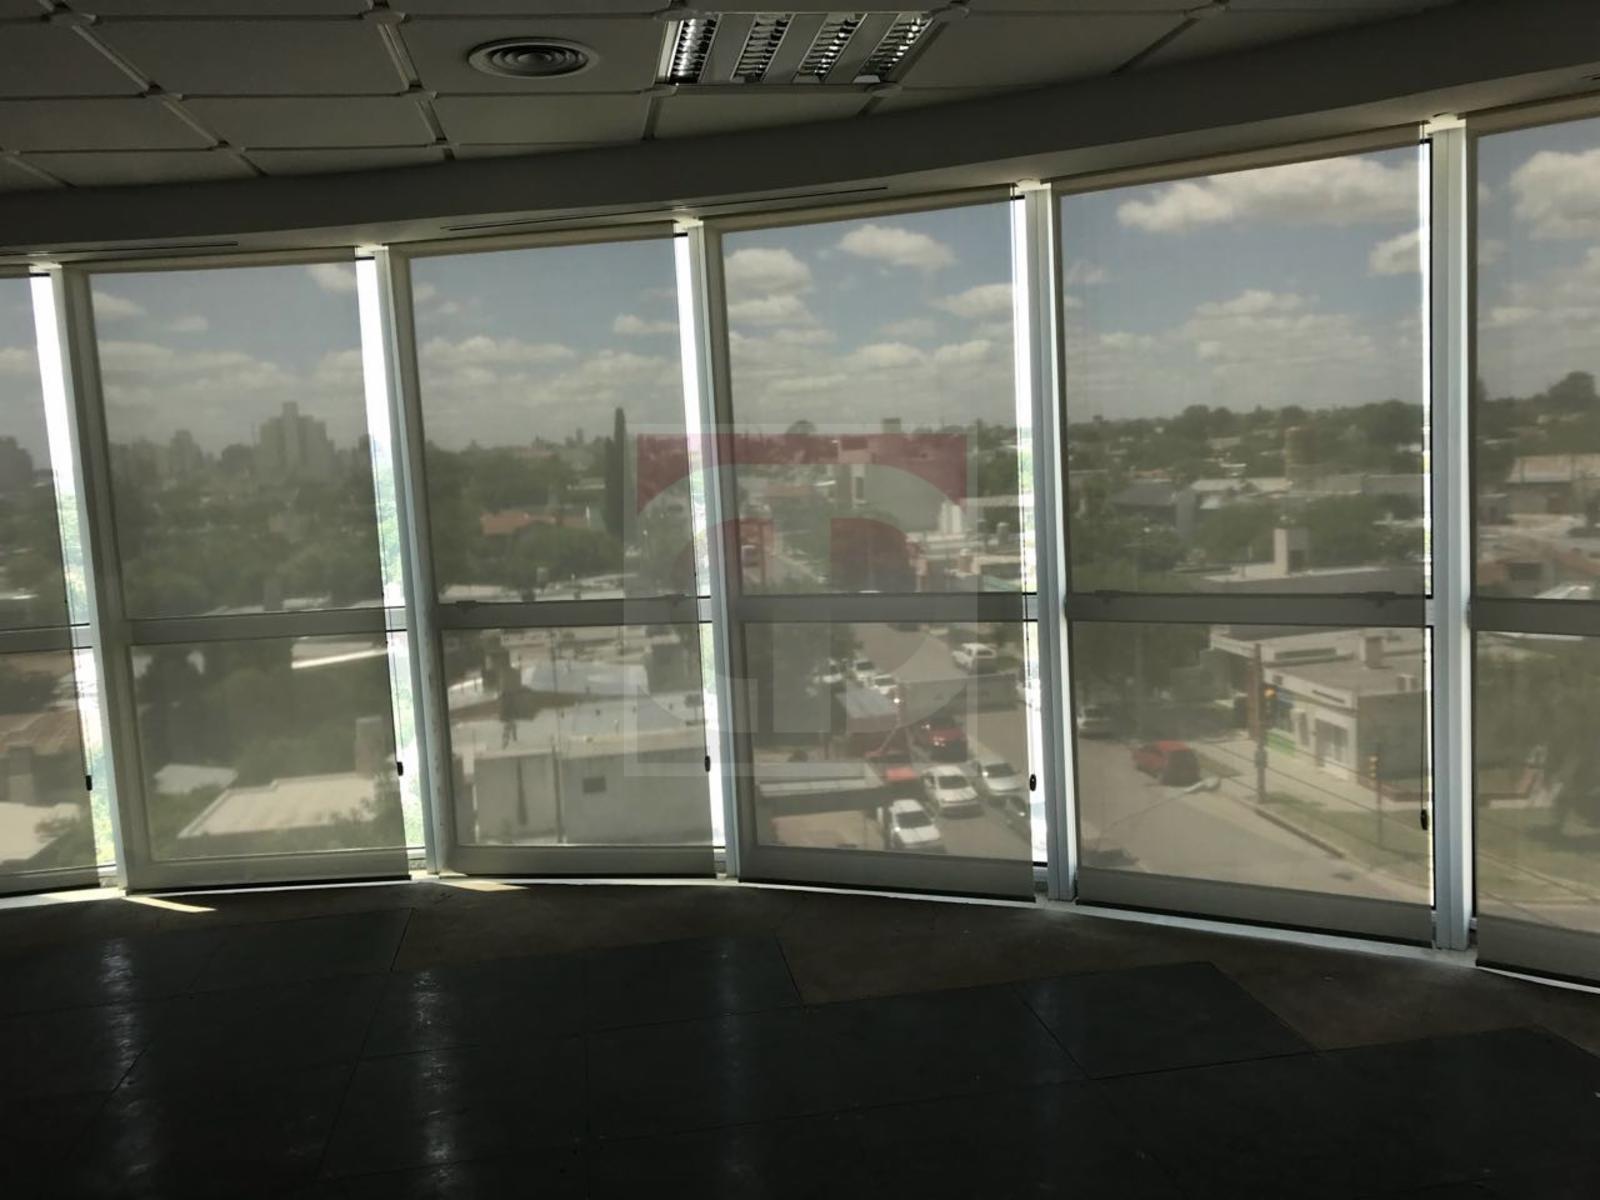 Alquiler oficina en Falucho y Av. Uruguay, DAIANA DOMINGUEZ NEGOCIOS INMOBILIARIOS